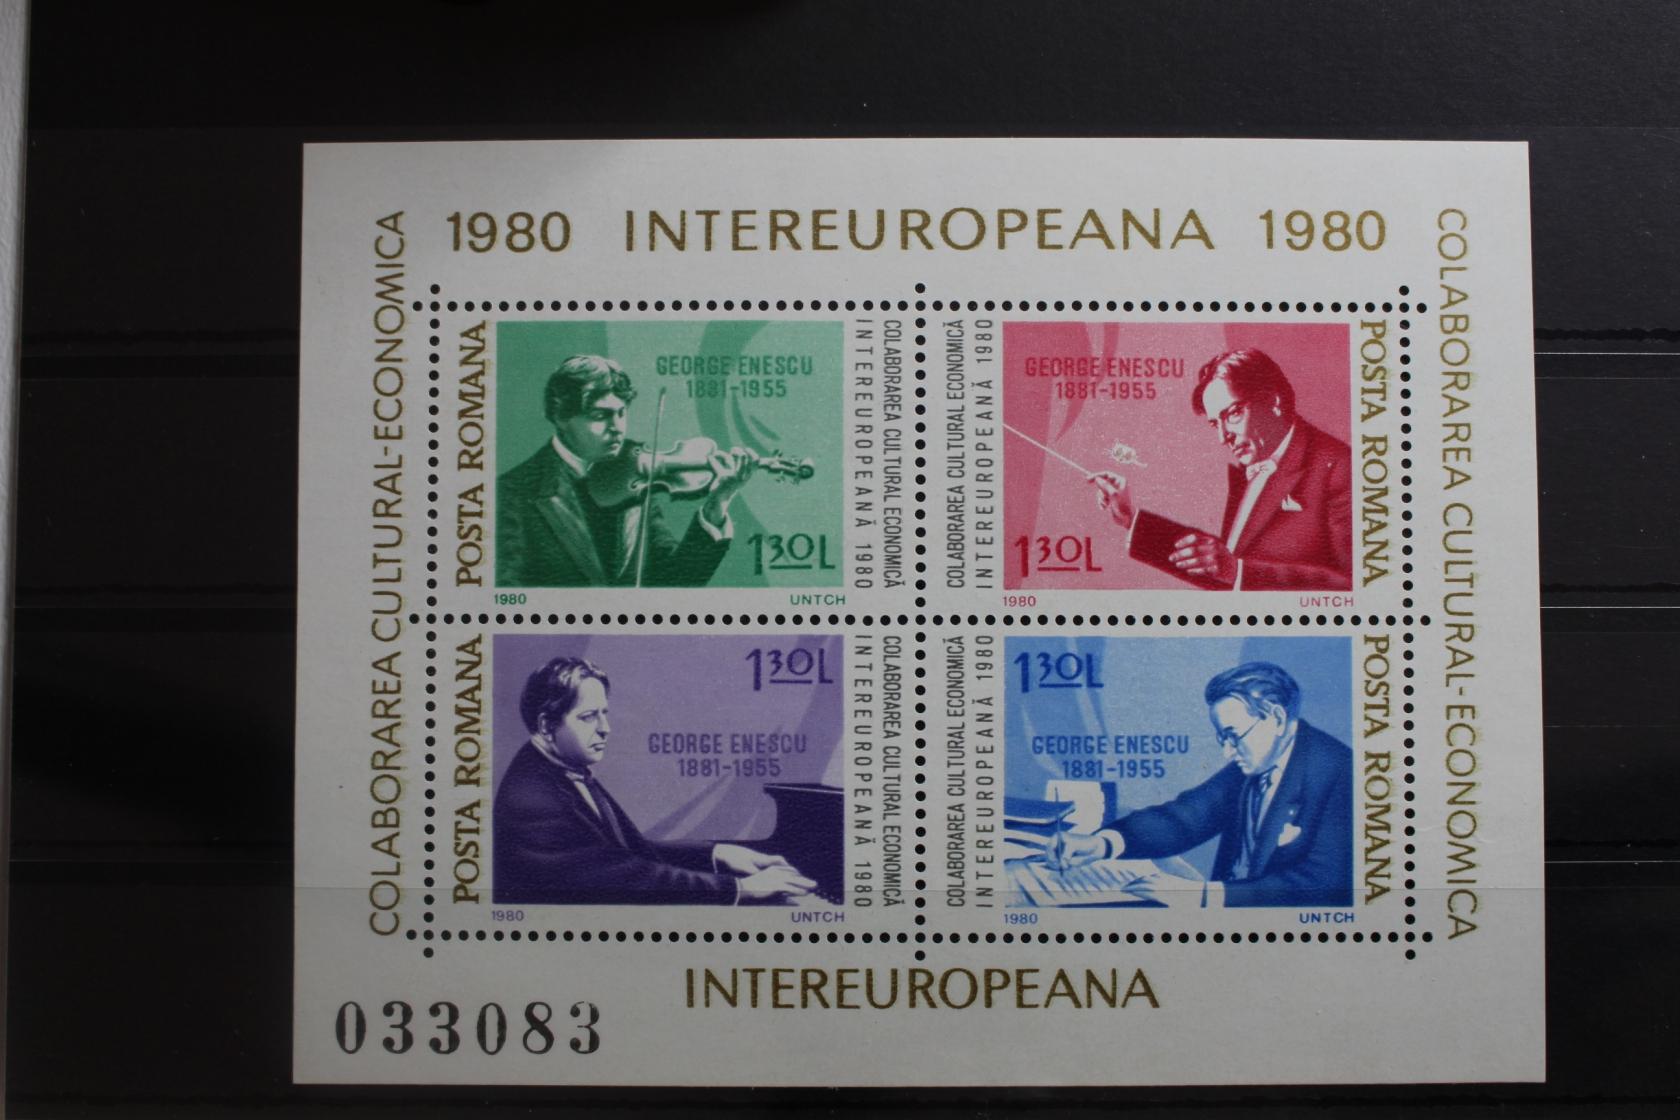 Aland Fdc Aus 2005 Siehe Beschreibung 201032 Briefmarken Europa